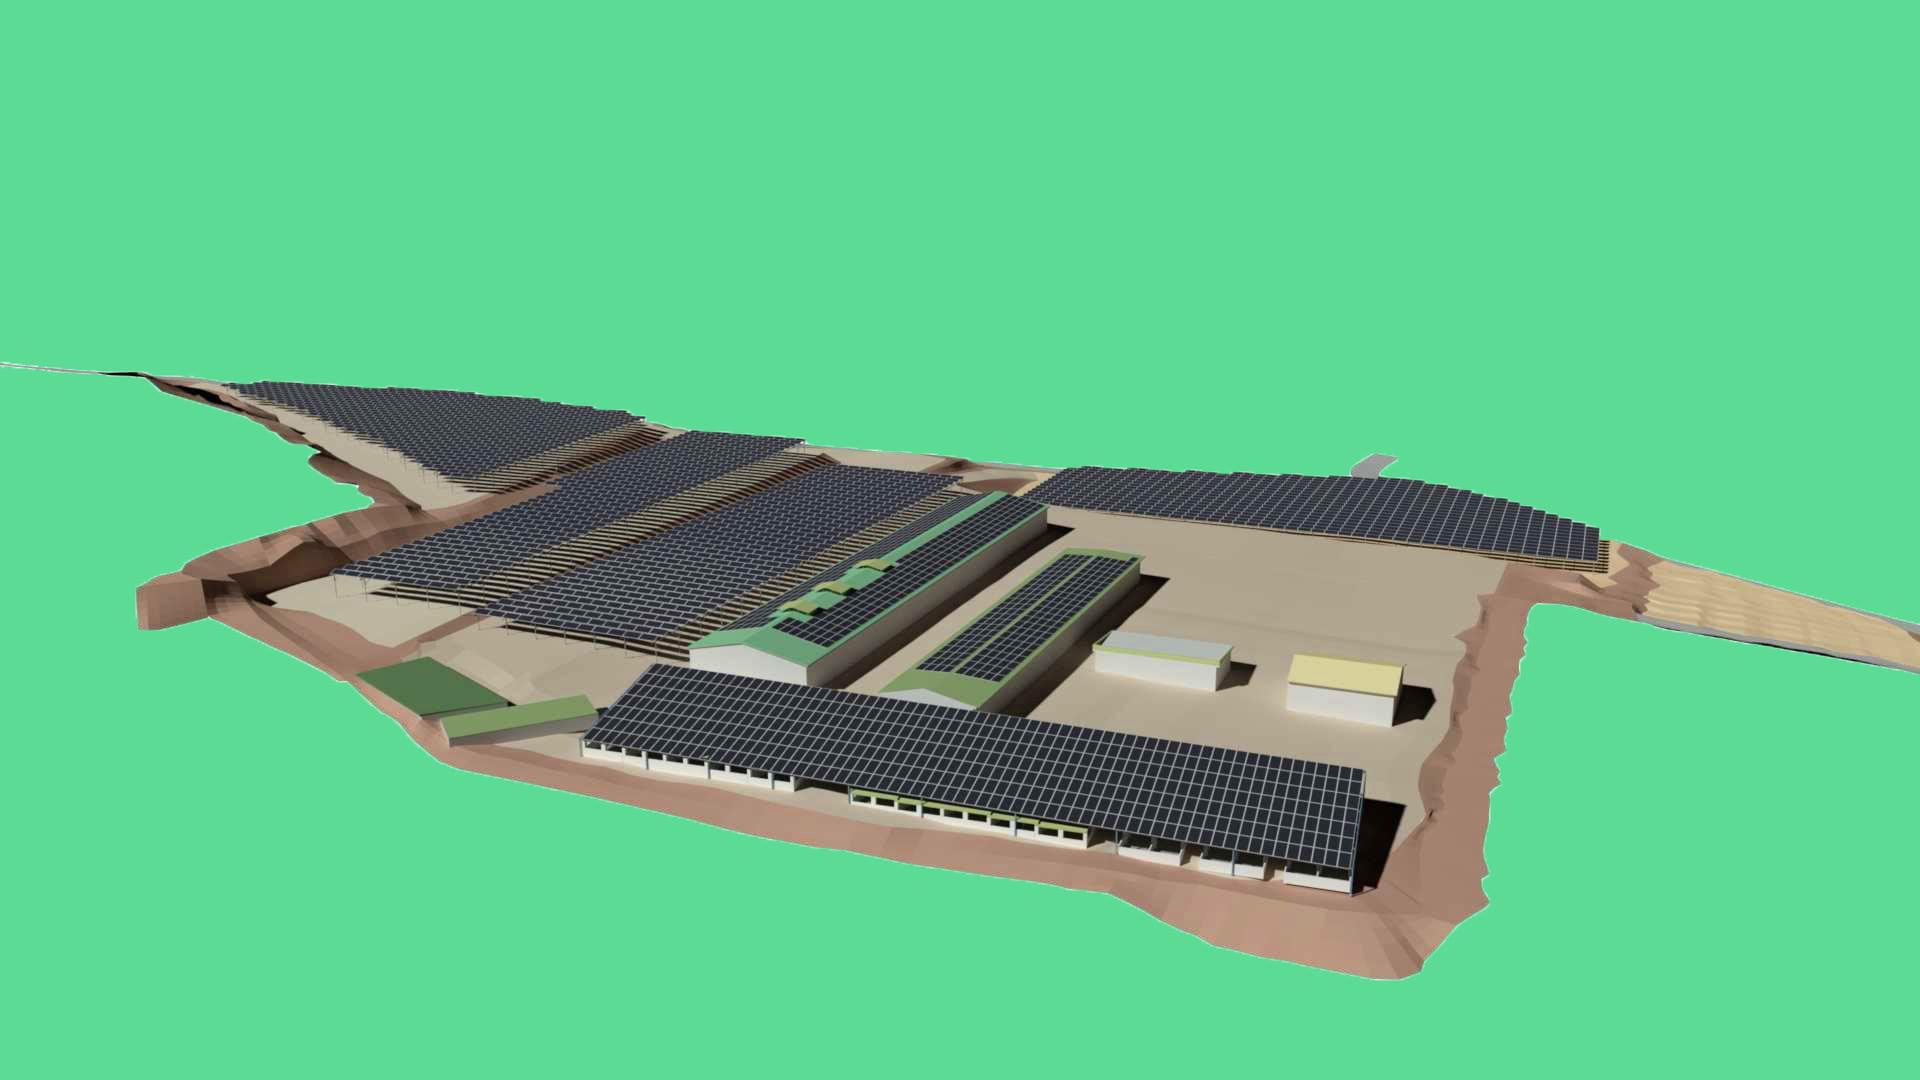 TRANESOL Sapiens proyectos agro-fotovoltaicos-TRANESOL03